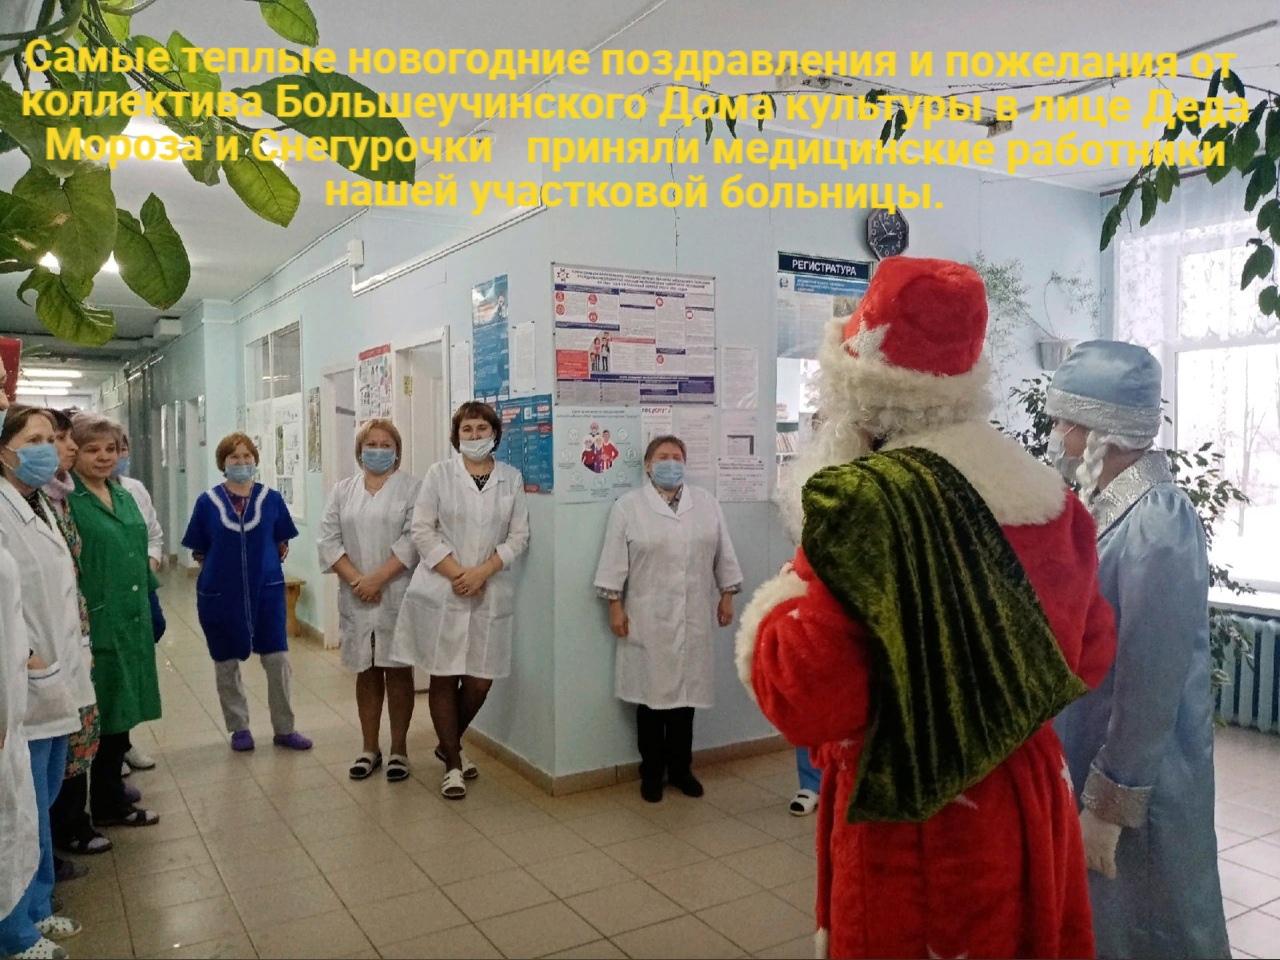 Обзор новогодних мероприятий Большеучинского ЦСДК.#Можгинскийрайон #новогодниемероприятия